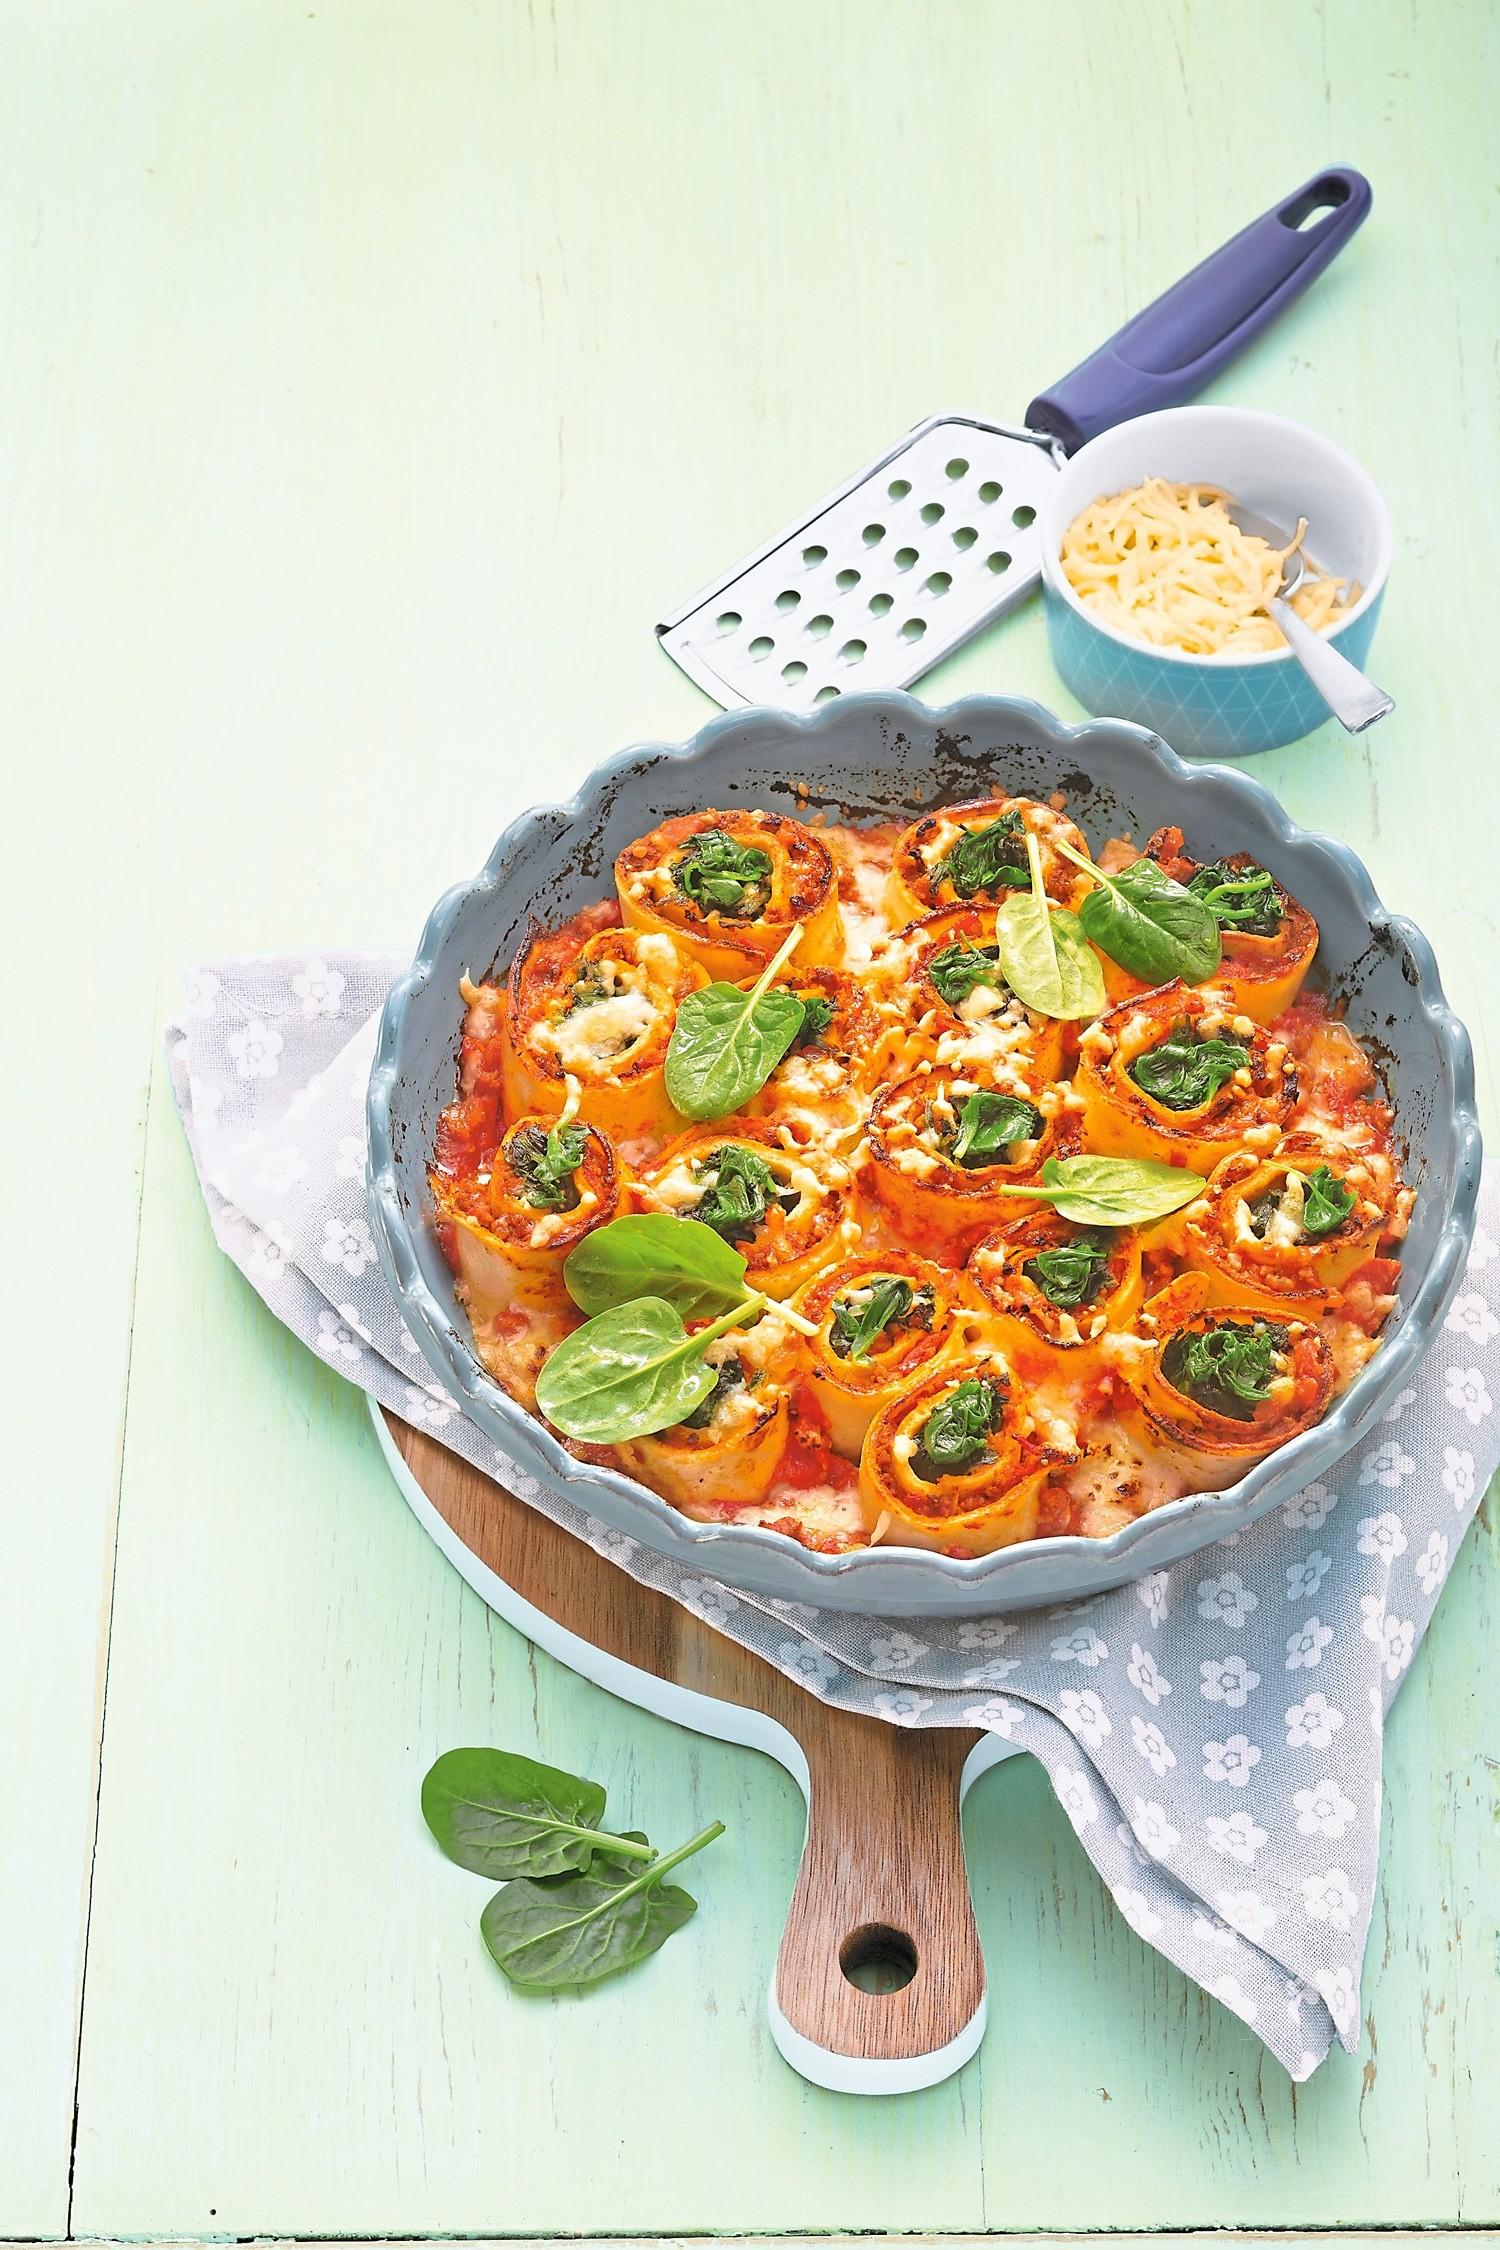 Низкокалорийный ужин: рецепт запеканки со шпинатом и томатами